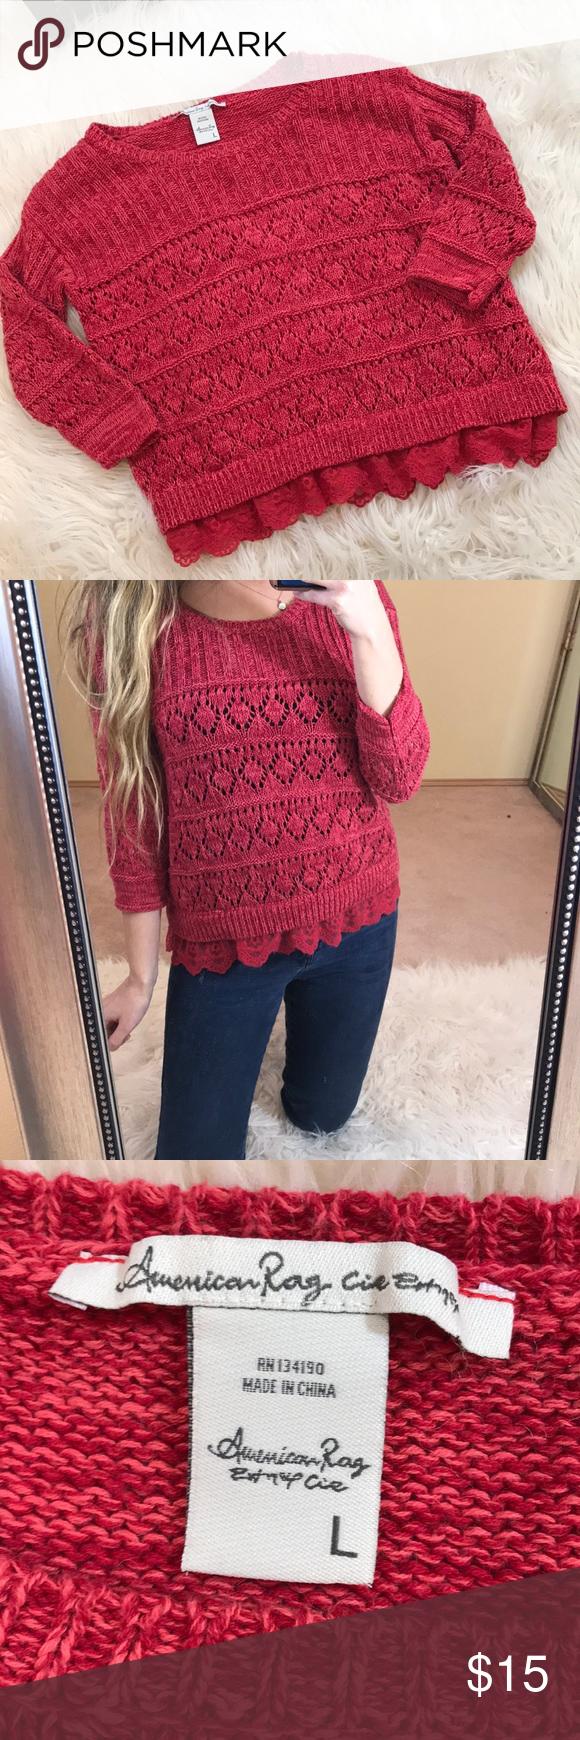 fad5c6e8e American Rag Lace Knit Sweater